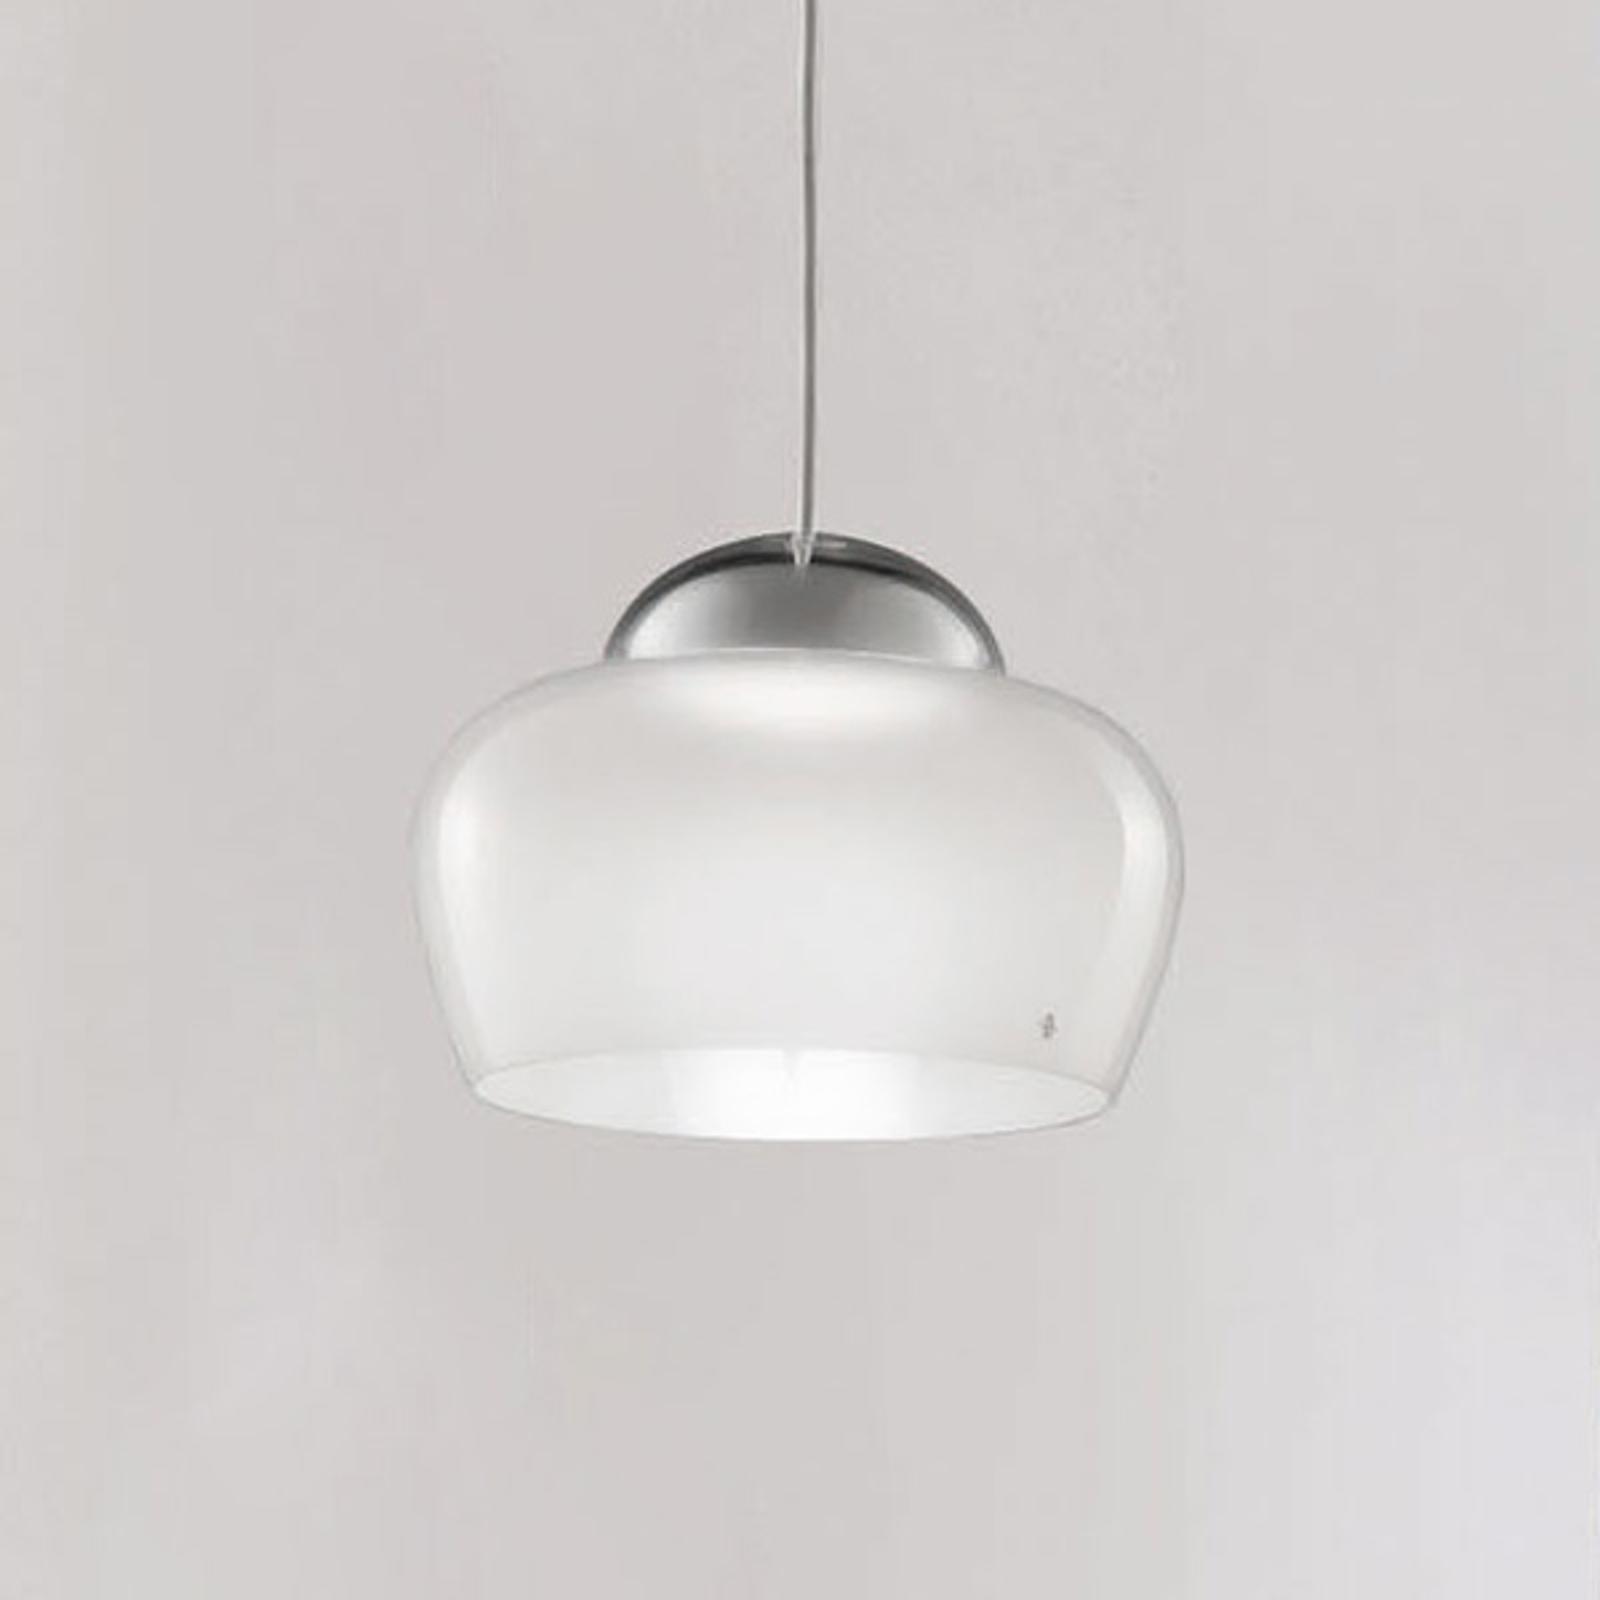 LED-Hängeleuchte Cristallina weiß